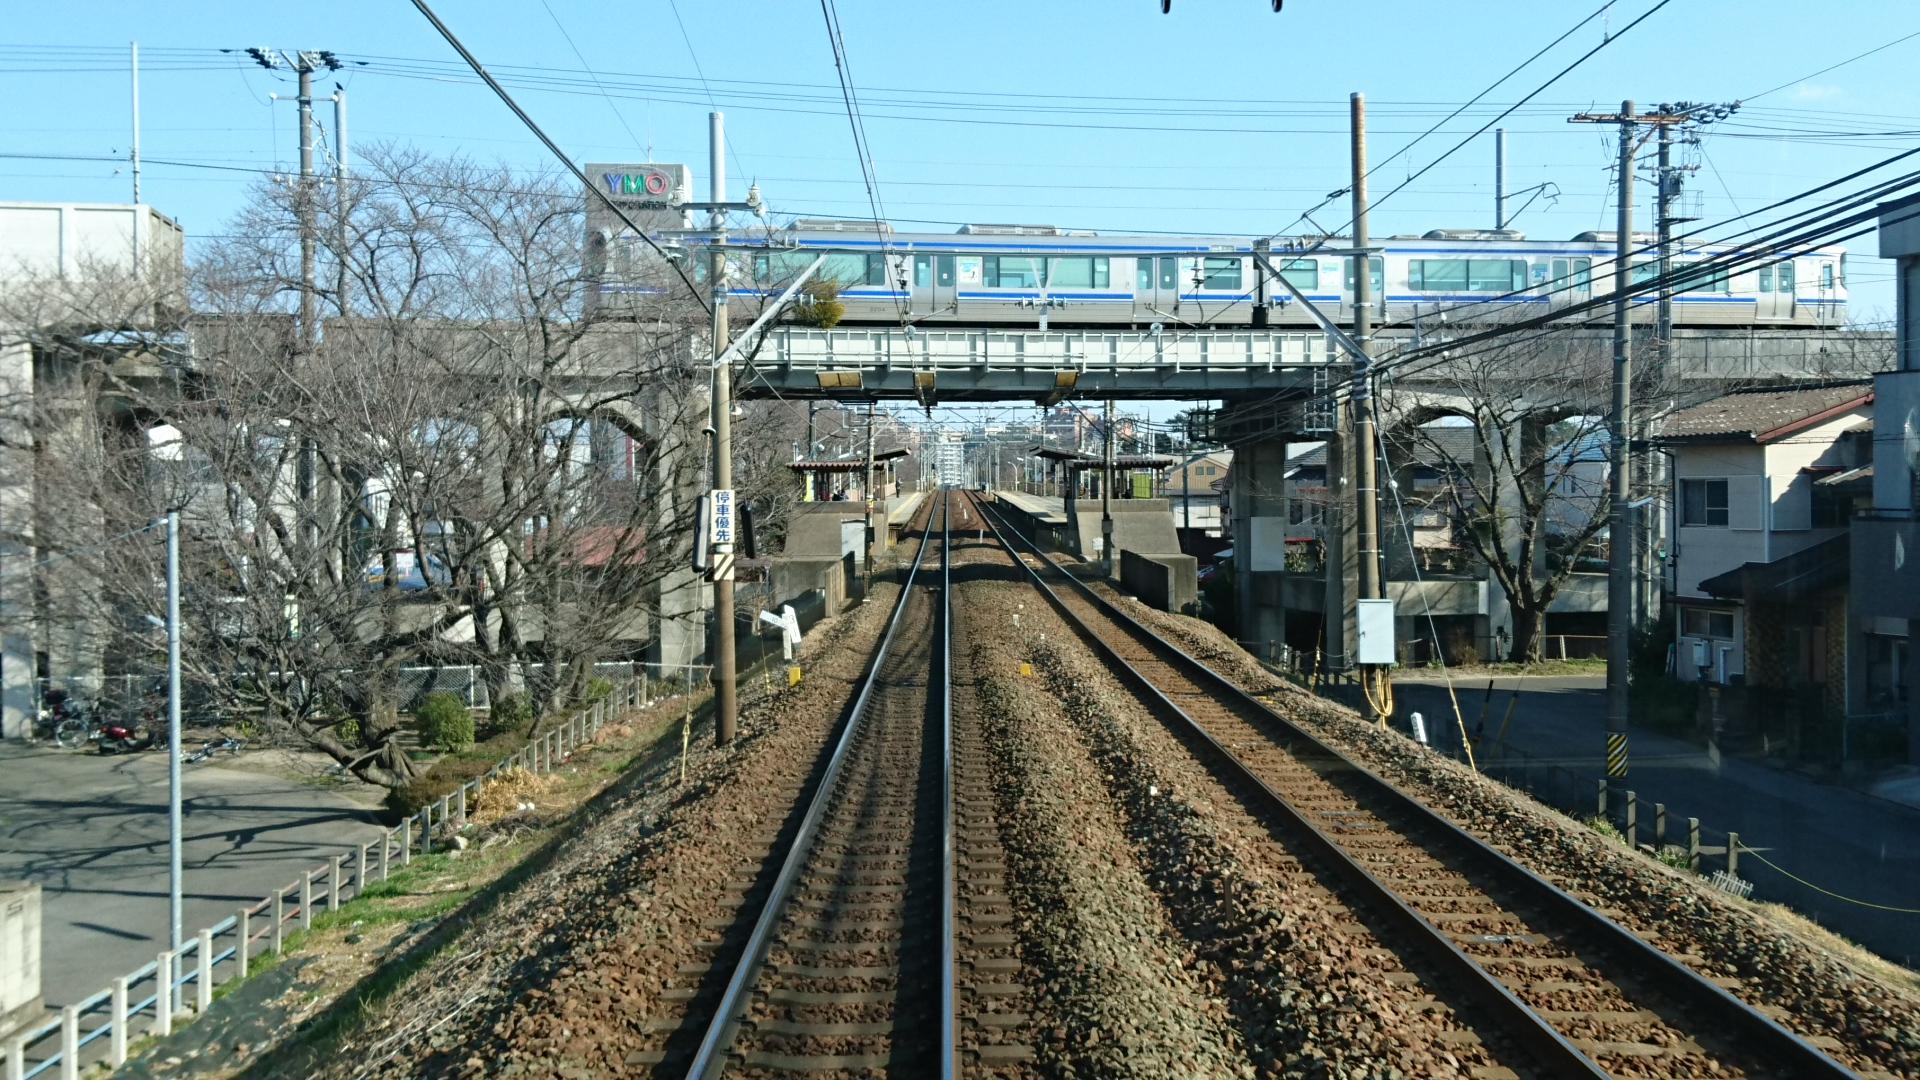 2018.2.23 東岡崎 (6) 東岡崎いきふつう - 岡崎公園前 1920-1080